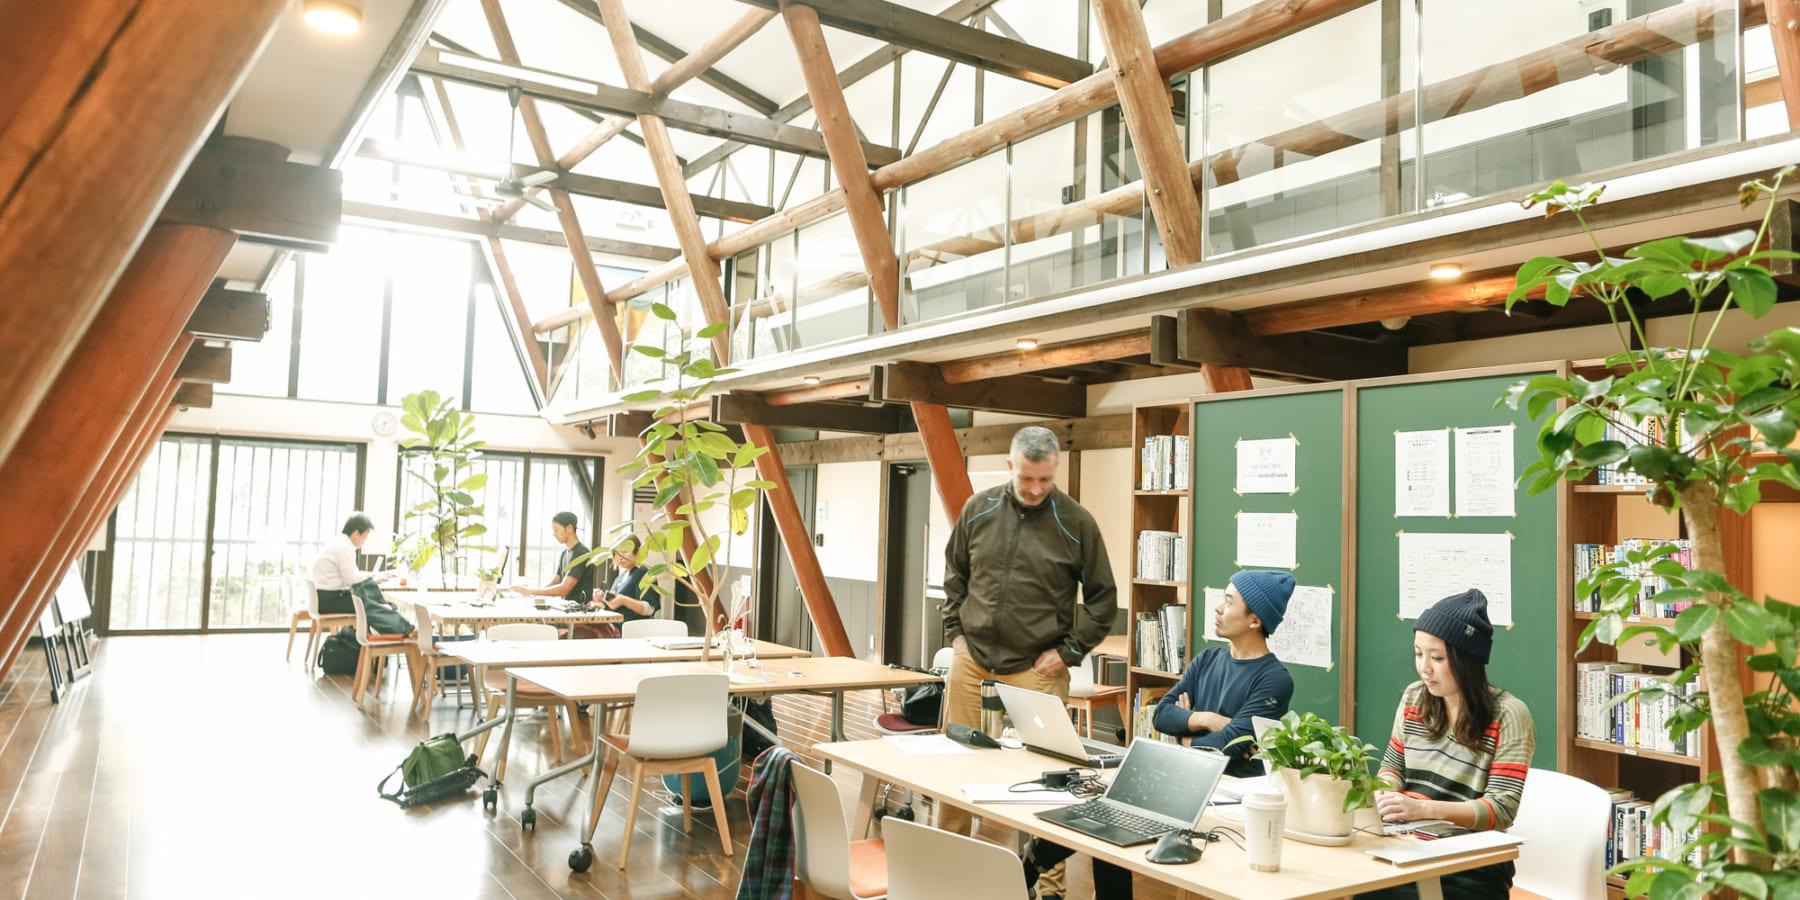 変革の力をつける関係性を築く「富士見森のオフィス」